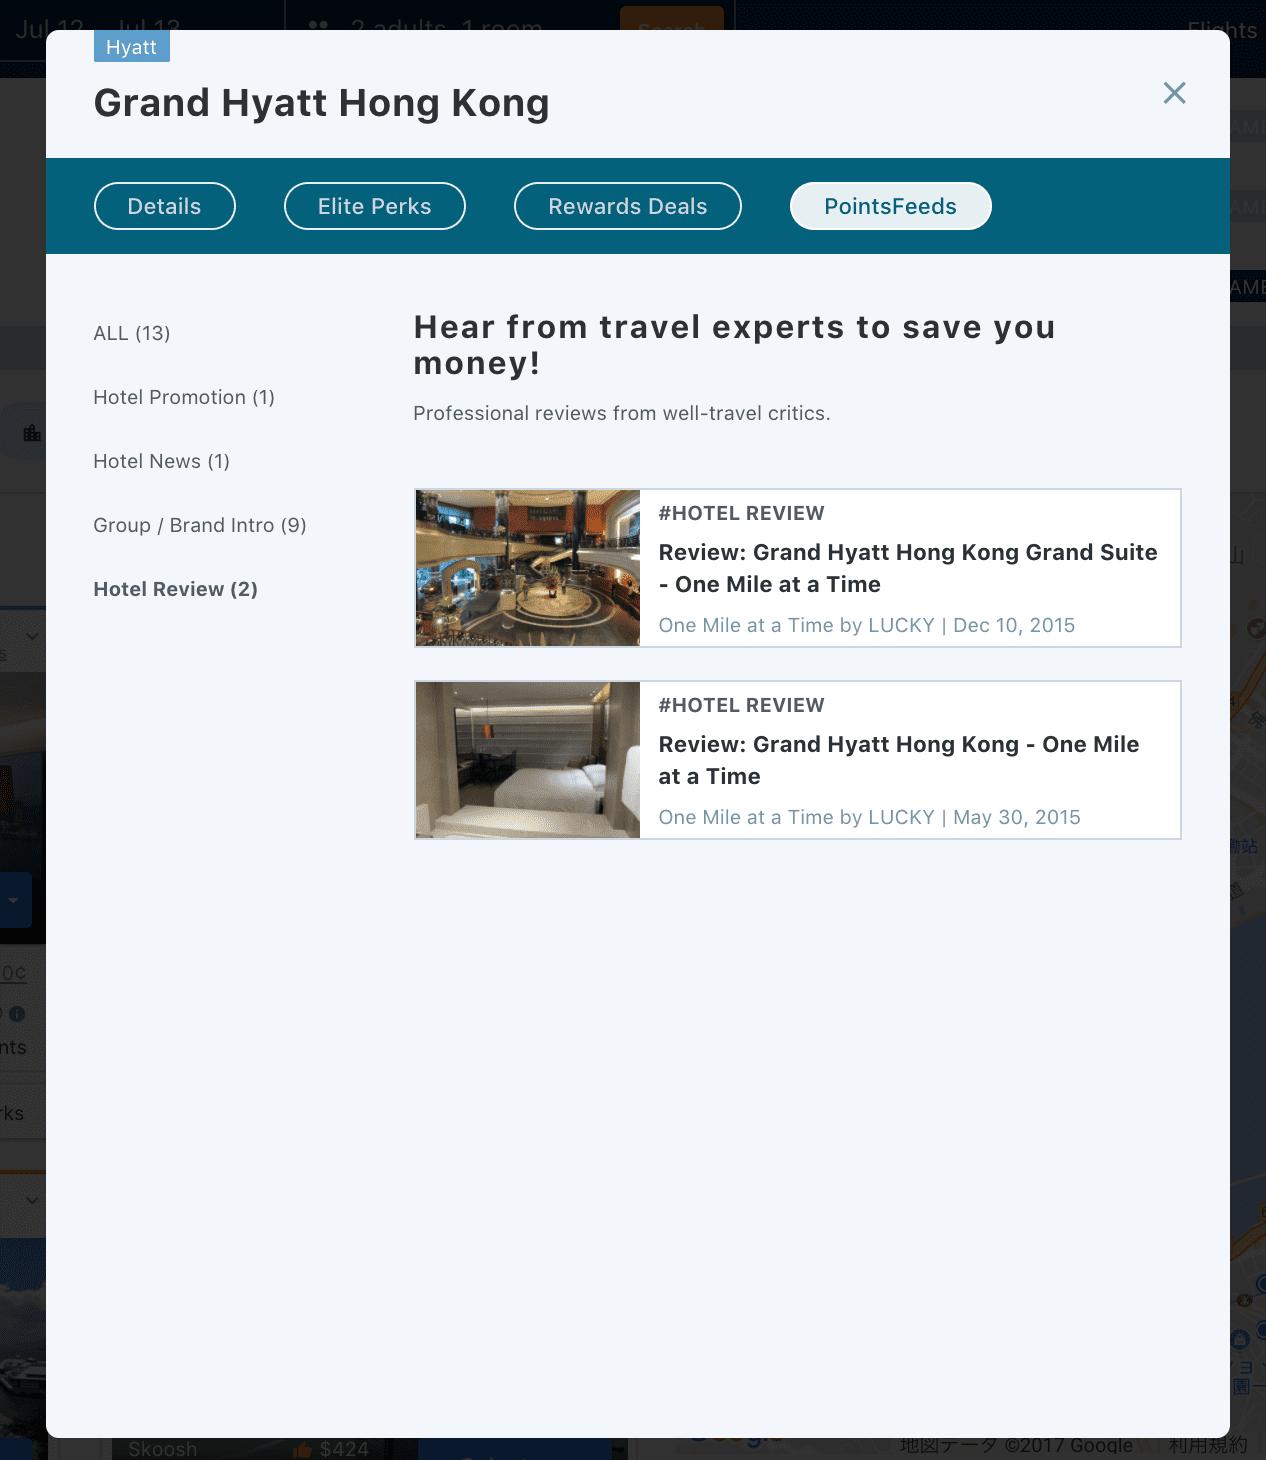 既然都查到了香港君悅飯店,看看 one miles at a time 的 Lucky Review 文也是剛好而已啊